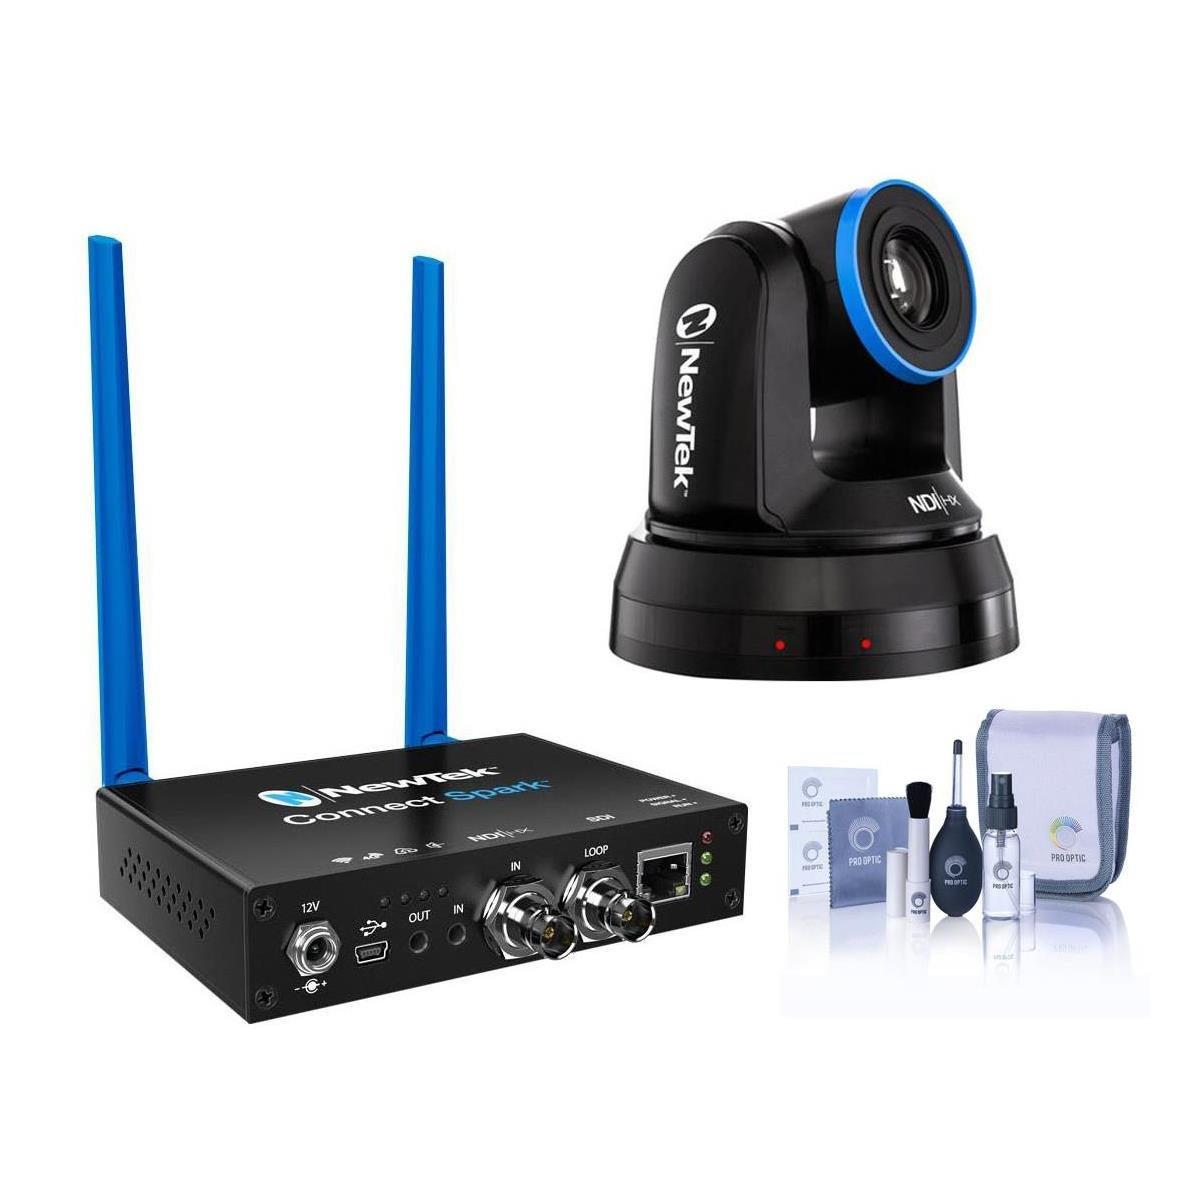 NewTek NDIHX-PTZ1 NDI PTZ Camera - With NewTek Connect Spark SDI, Cleaning Kit by NewTek (Image #1)